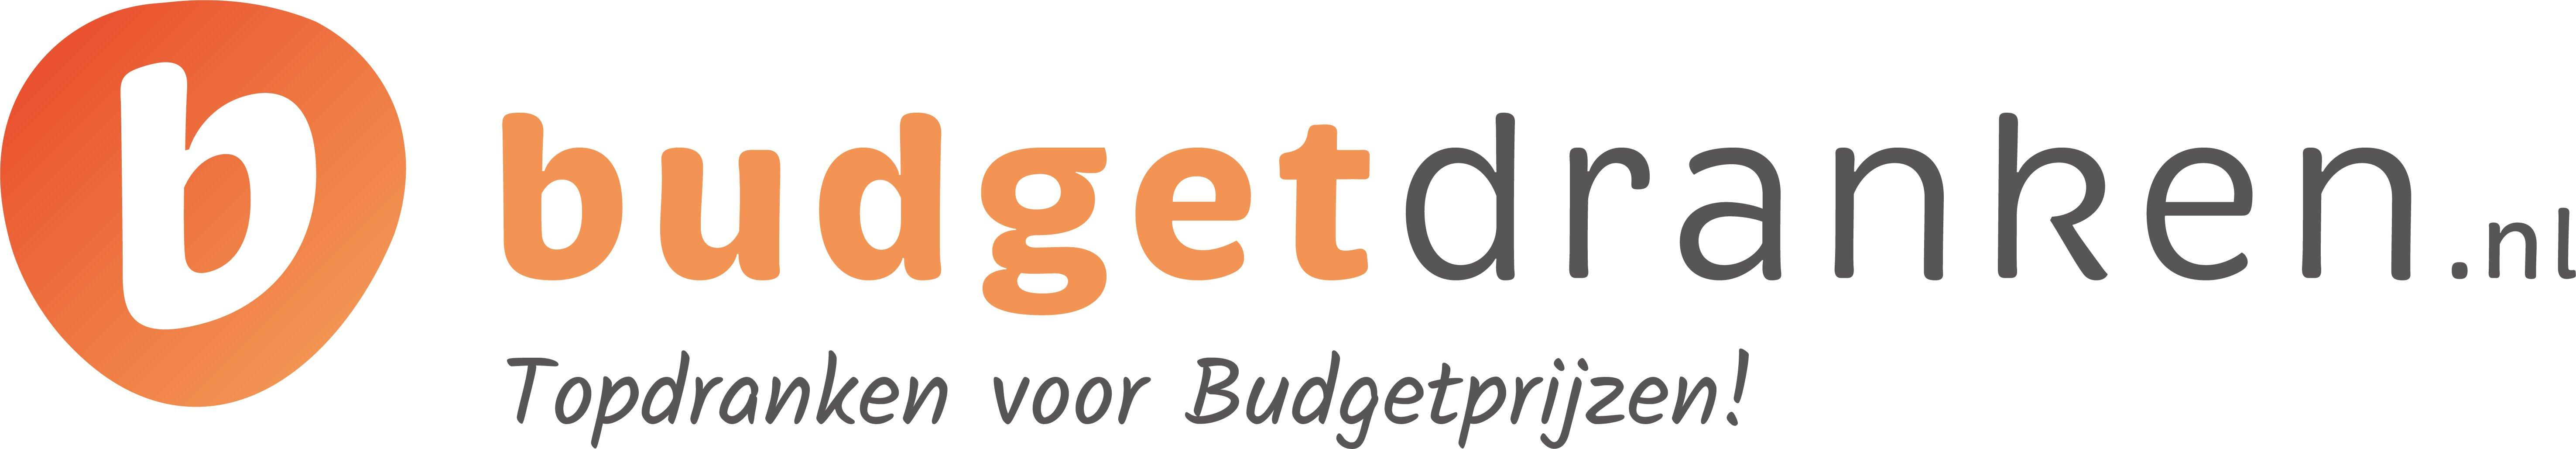 Budgetdranken.nl